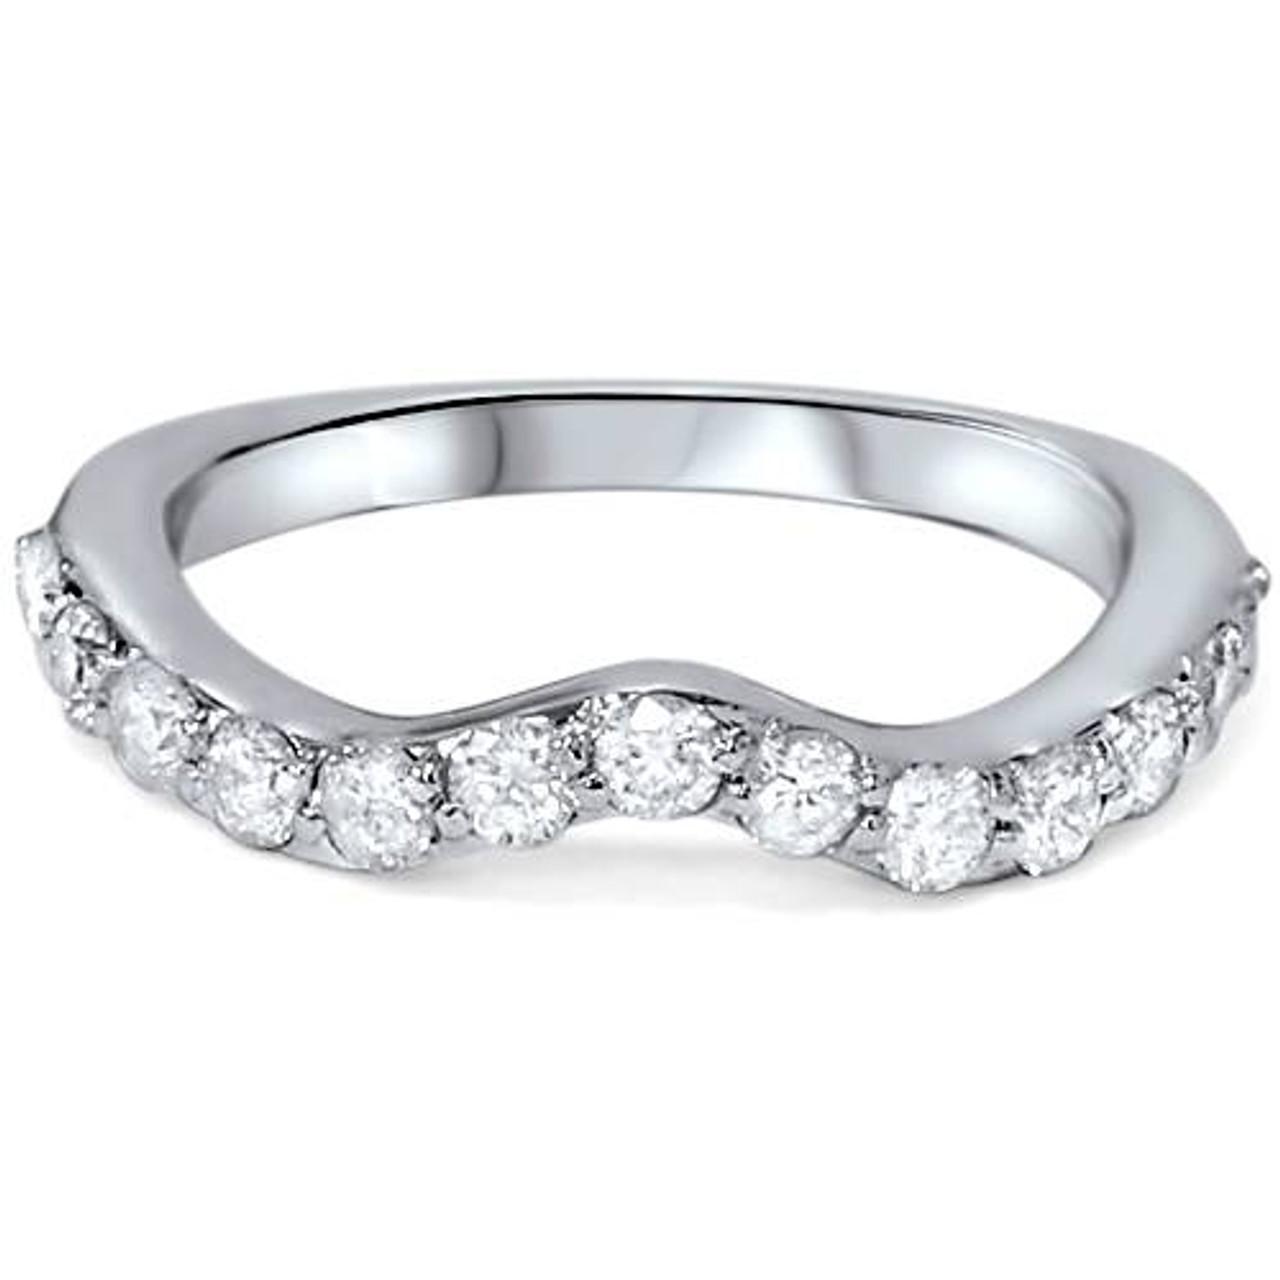 1 2ct Curved Diamond Notched Wedding Ring Enhancer 14k White Gold G H I1 I2